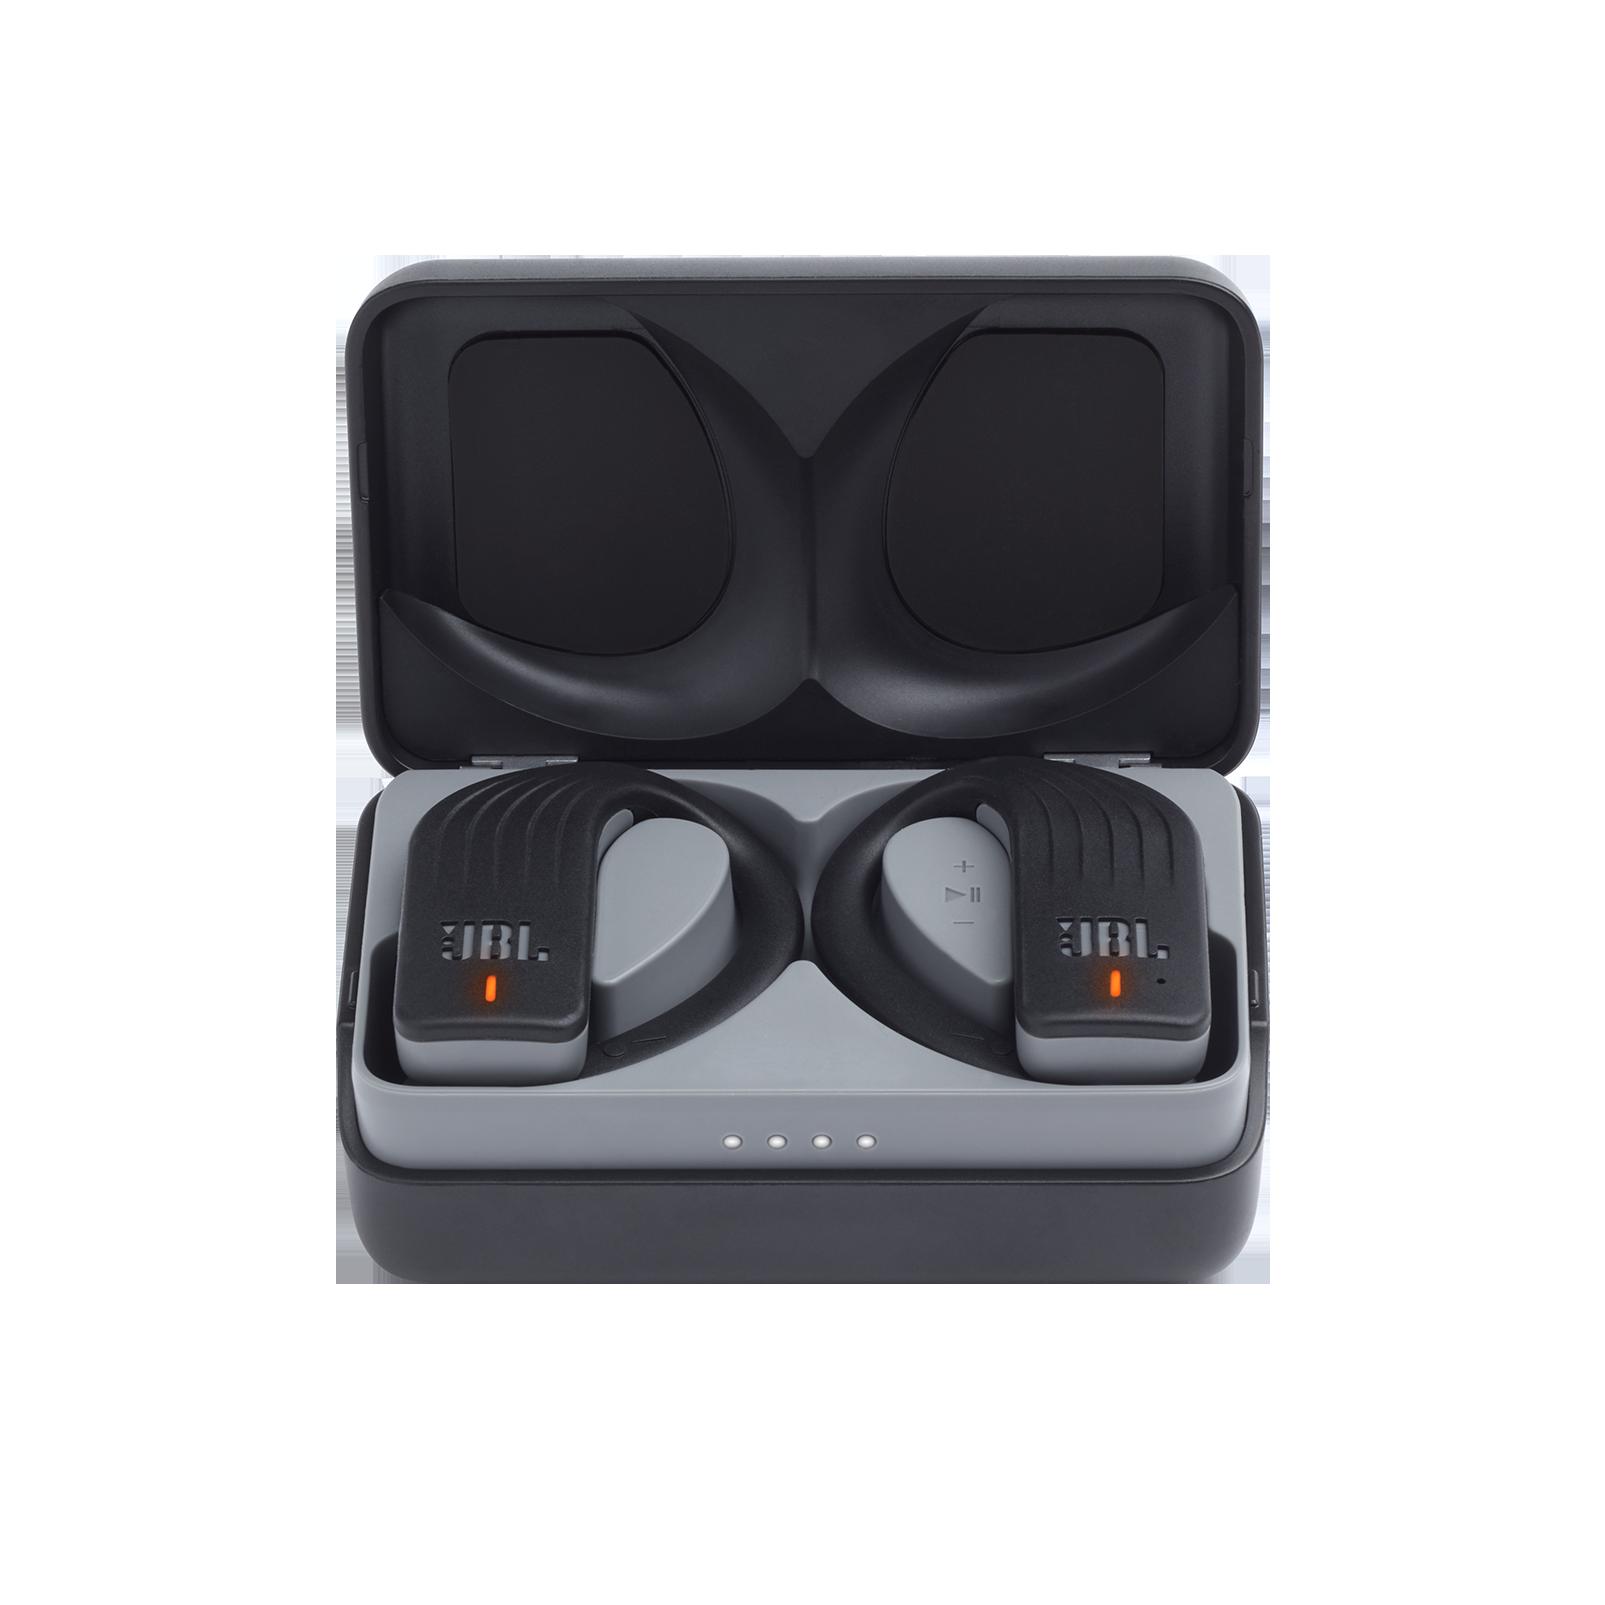 dbd619a7d84 JBL Endurance PEAK | Waterproof True Wireless In-Ear Sport Headphones